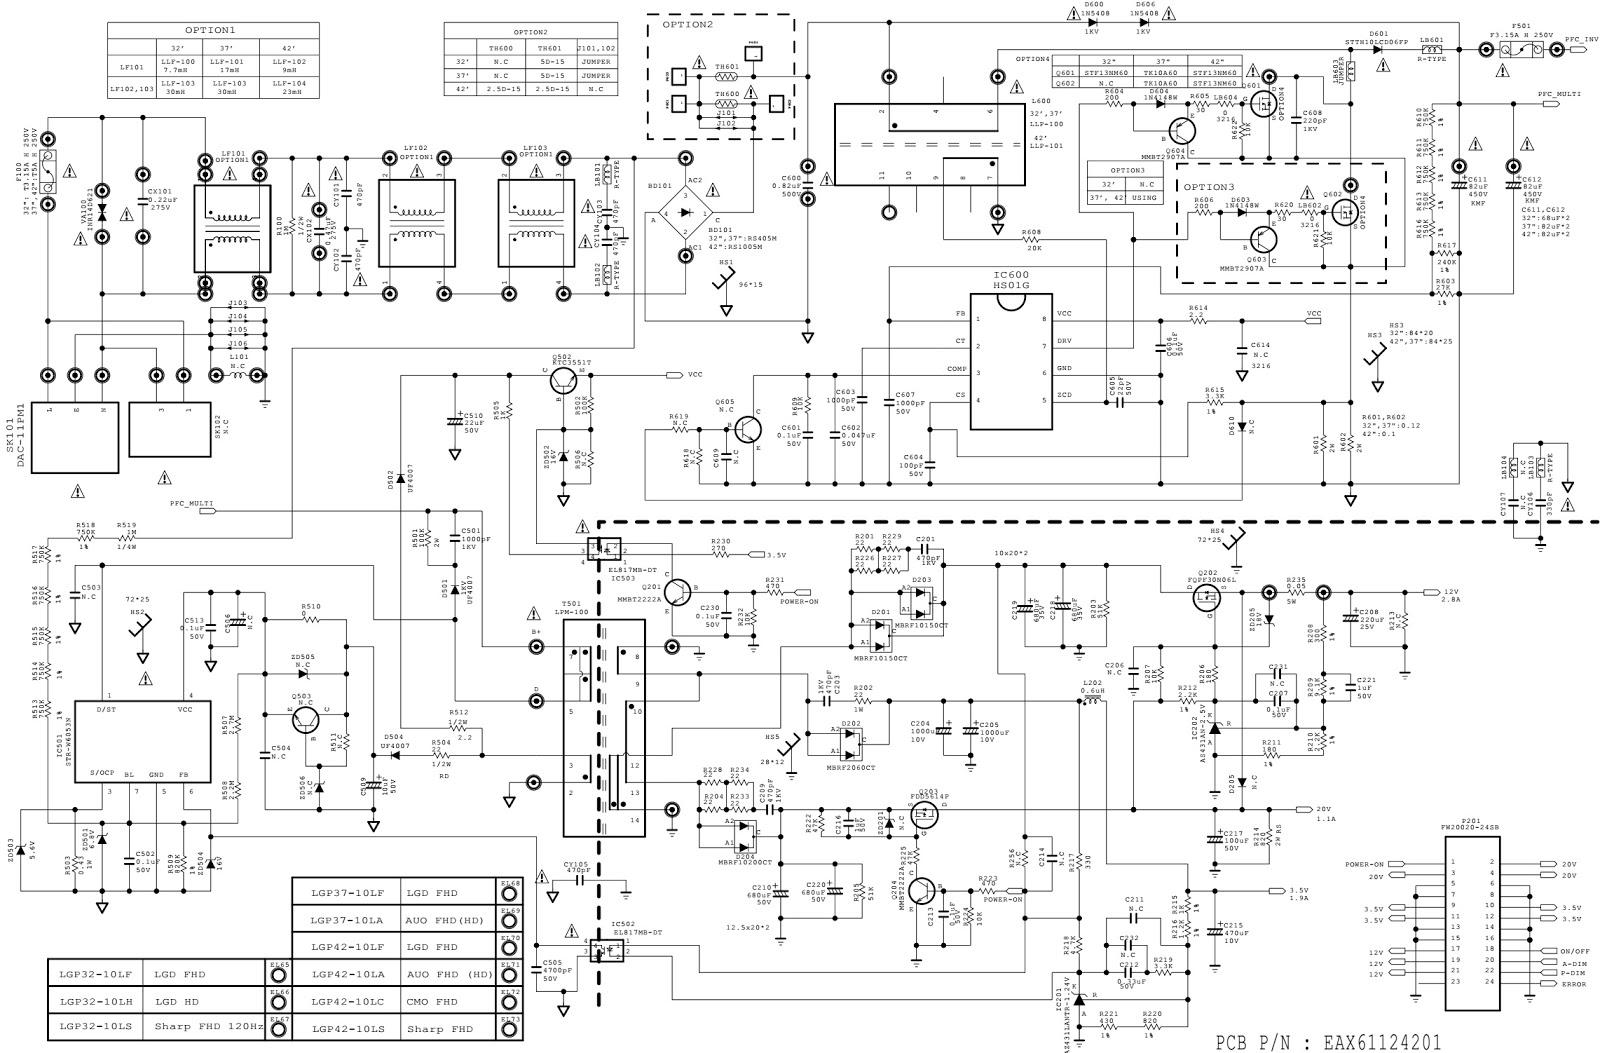 Lg42le8500 850n Lg42le8800 8900 Smps Circuit Diagram Electro Help Led Driver Citcuit